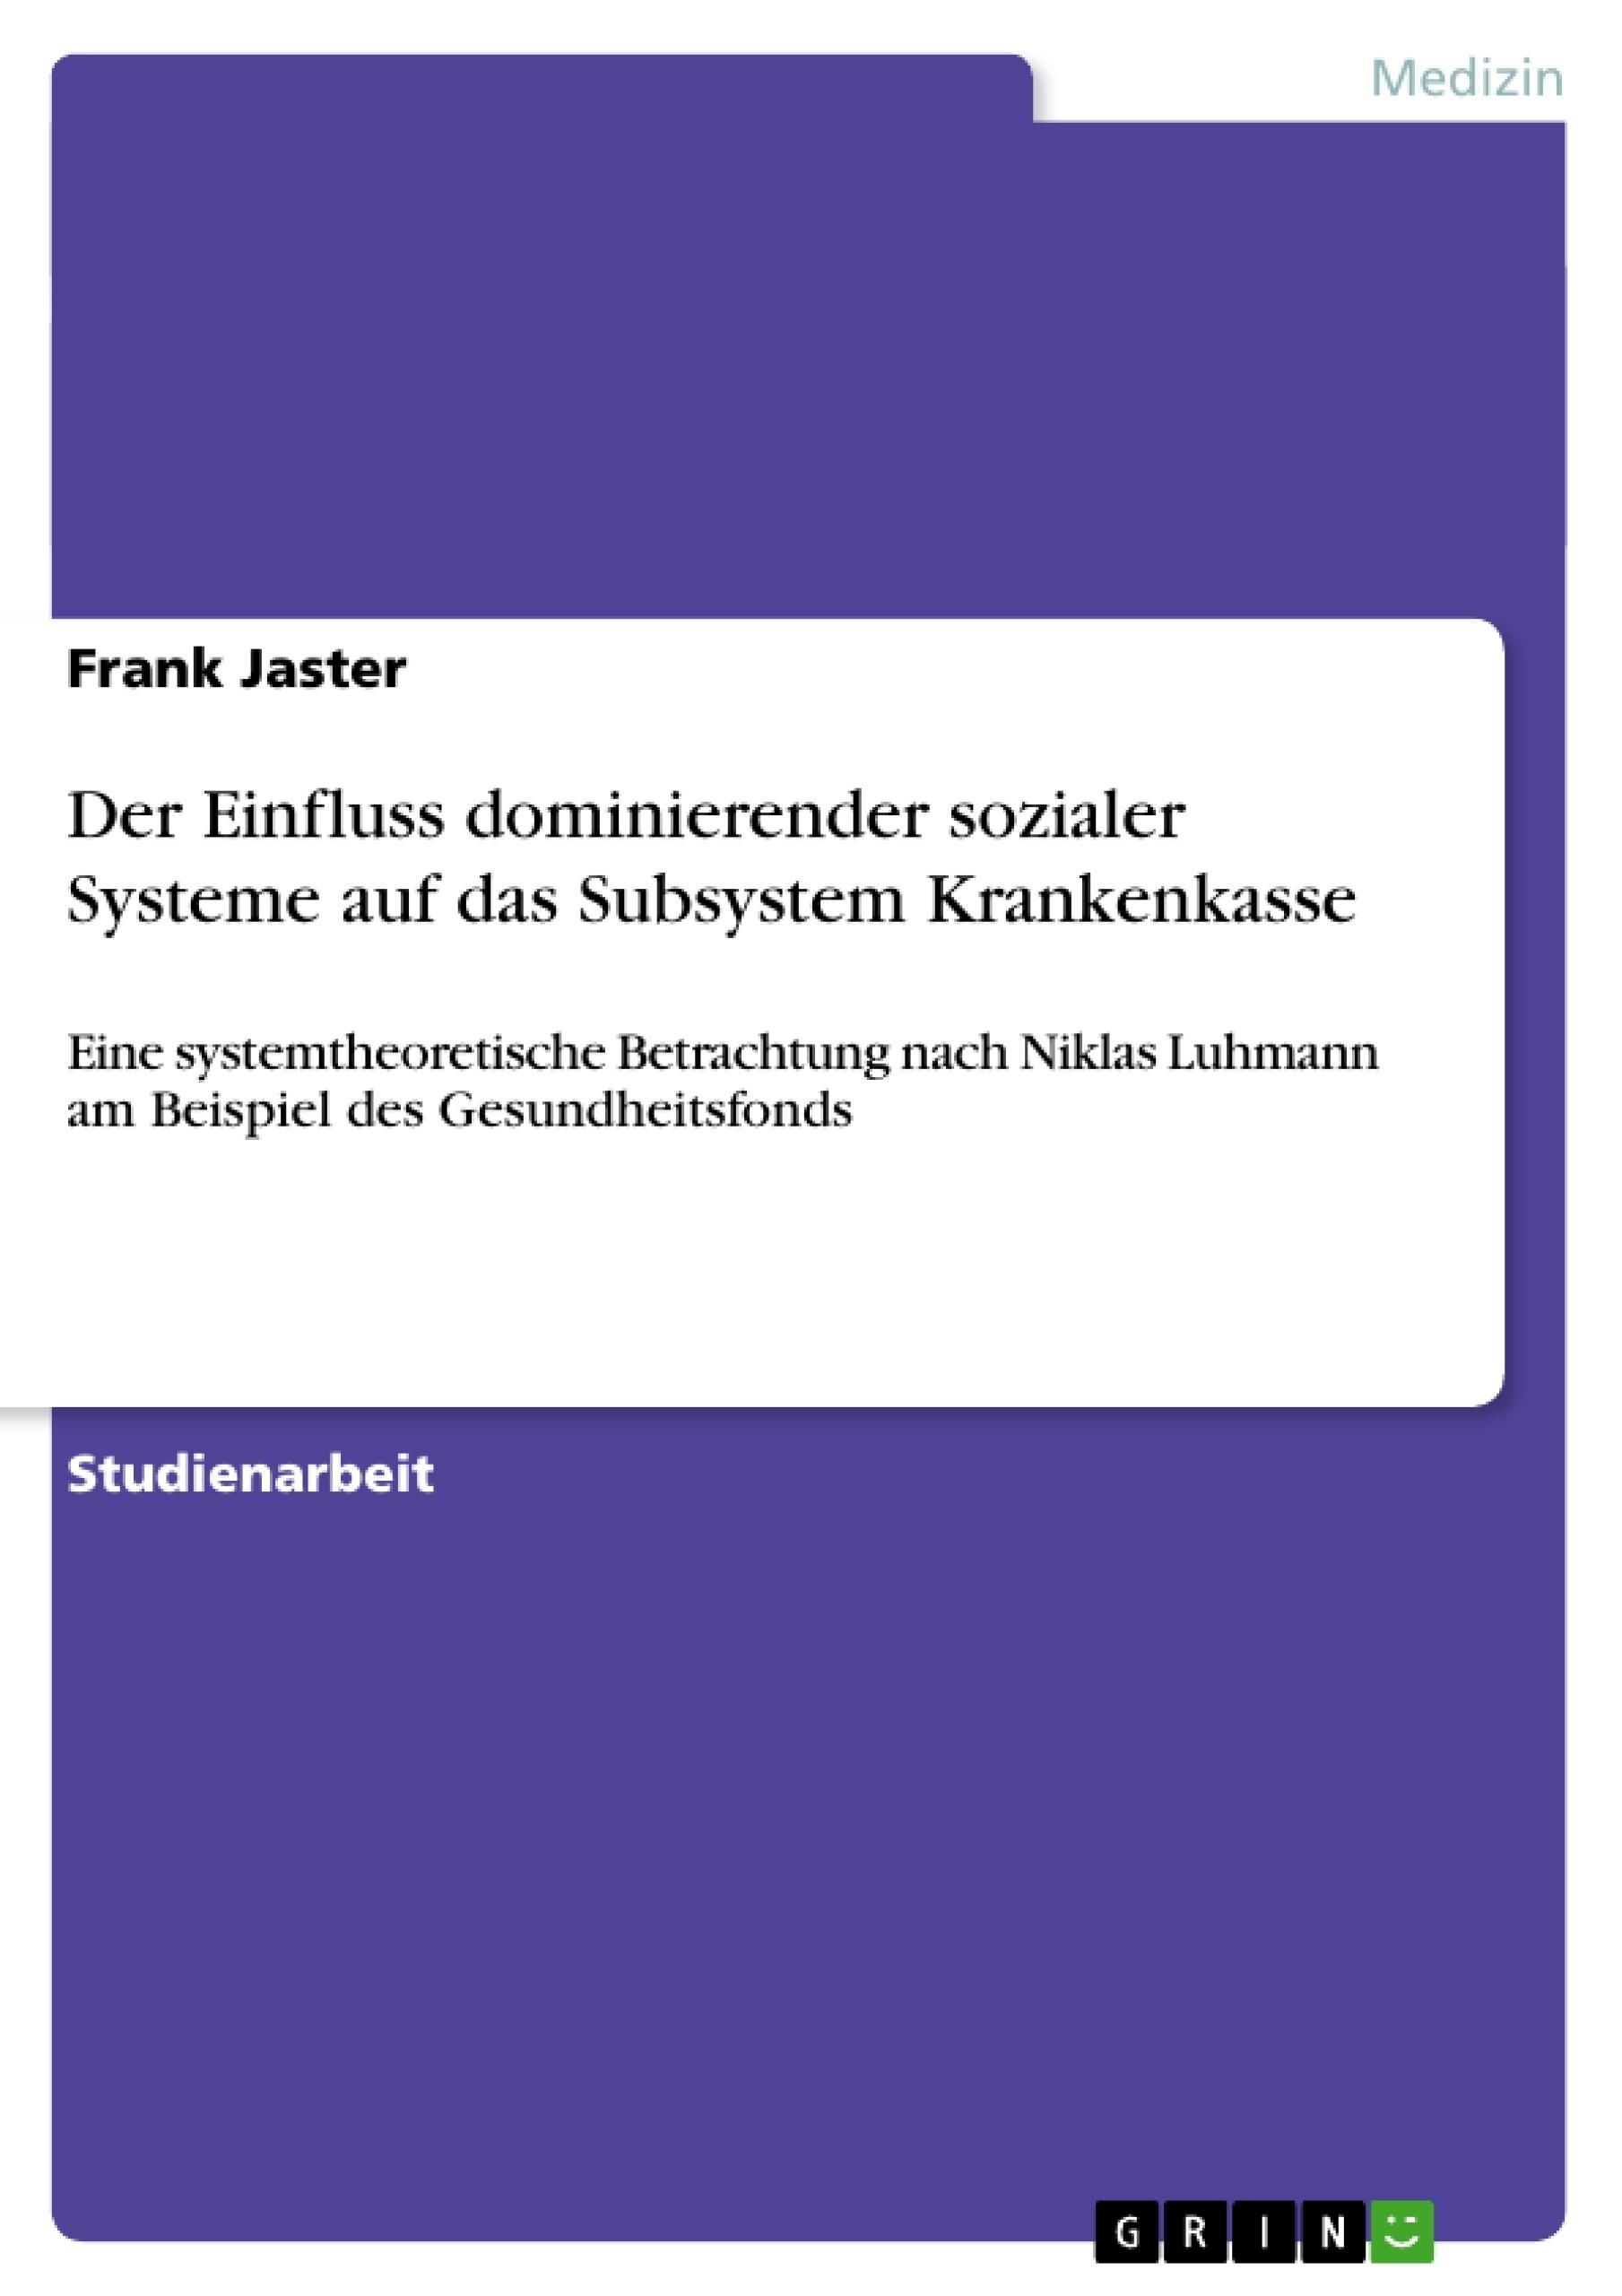 Titel: Der Einfluss dominierender sozialer Systeme auf das Subsystem Krankenkasse